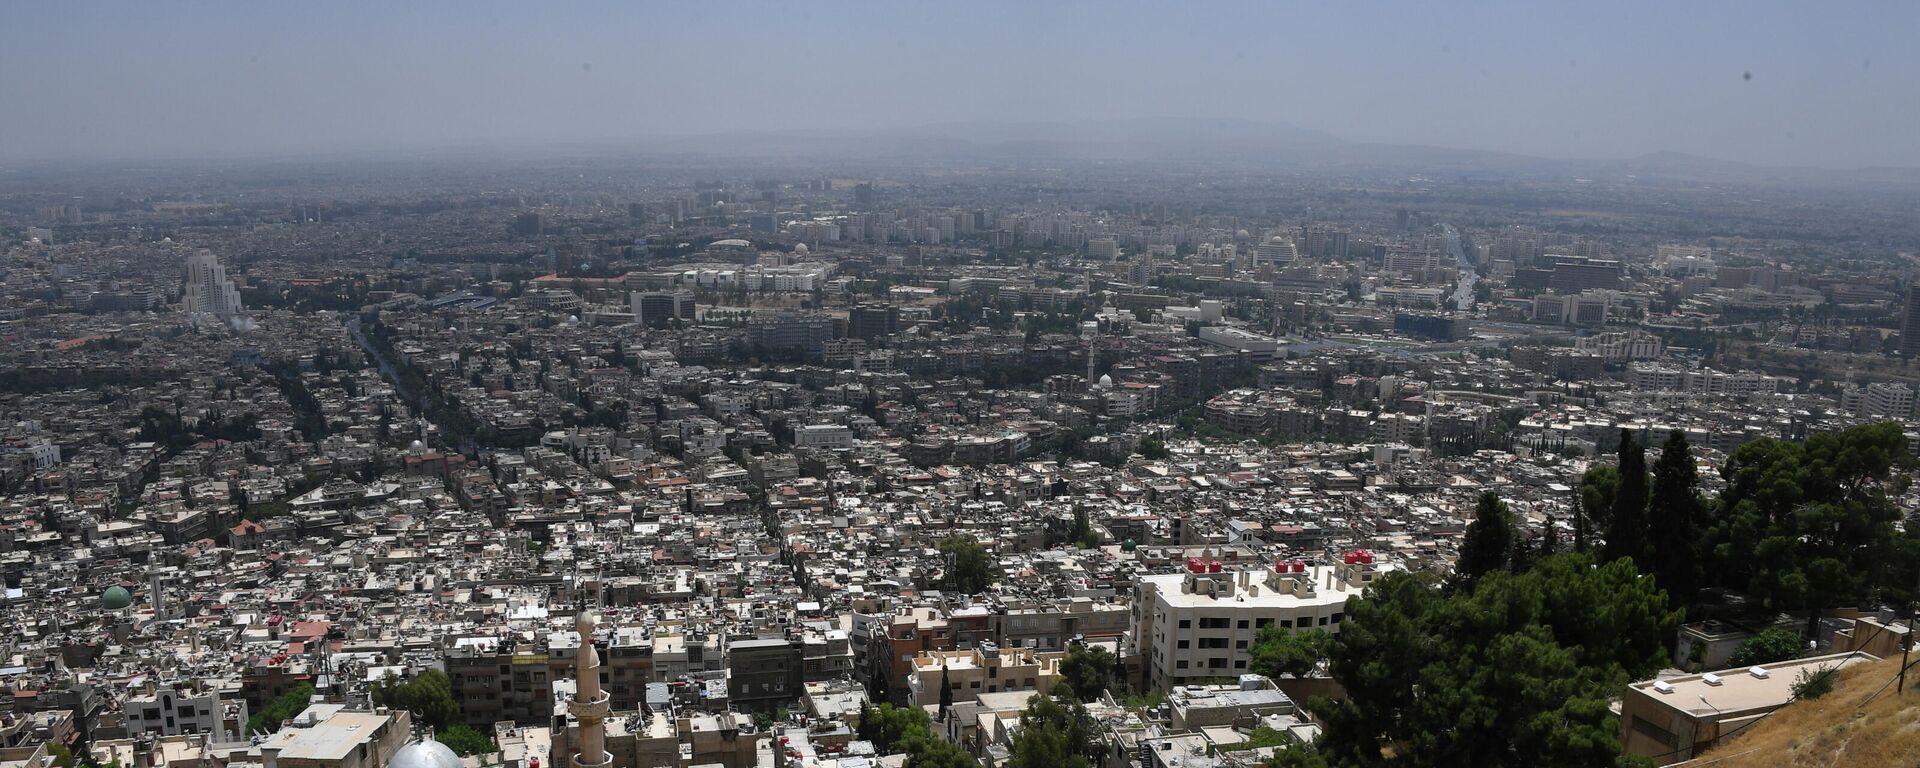 Vororte von Damaskus (Archivbild) - SNA, 1920, 20.08.2021